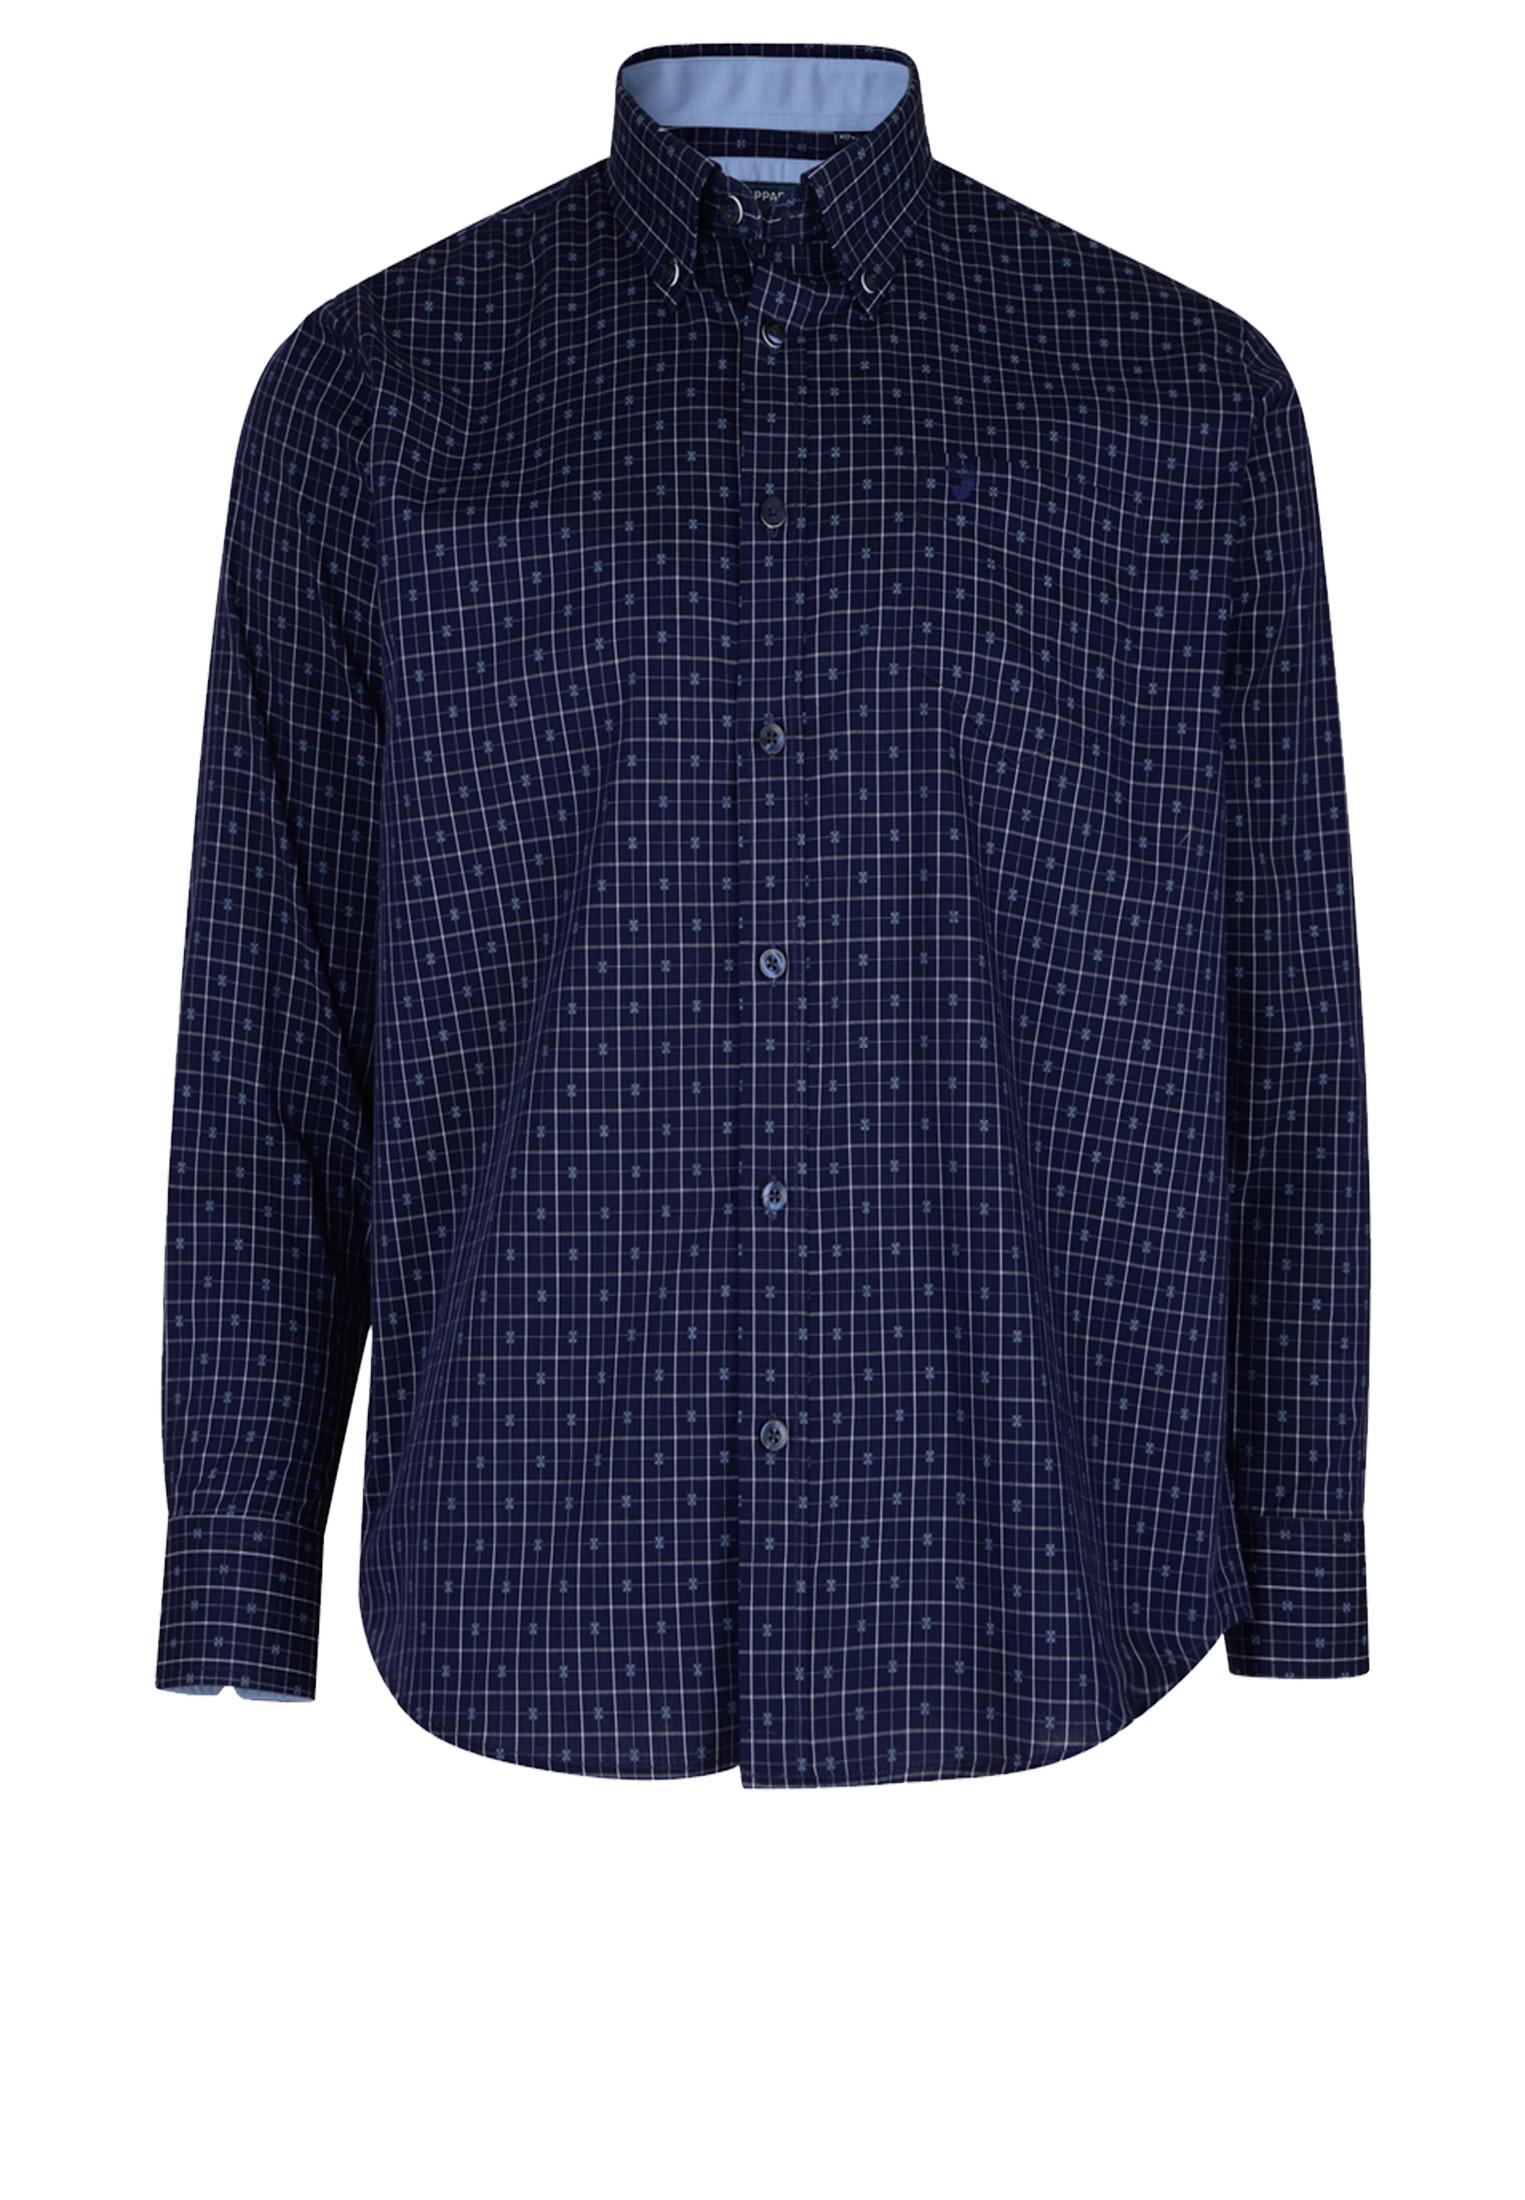 Geruit overhemd van KAM JEANSWEAR met button down kraag, met open zakje op de linker borst, contrasterende stof aan de kraag. In de kleur donker blauw. Het overhemd is rond afgezoomd.